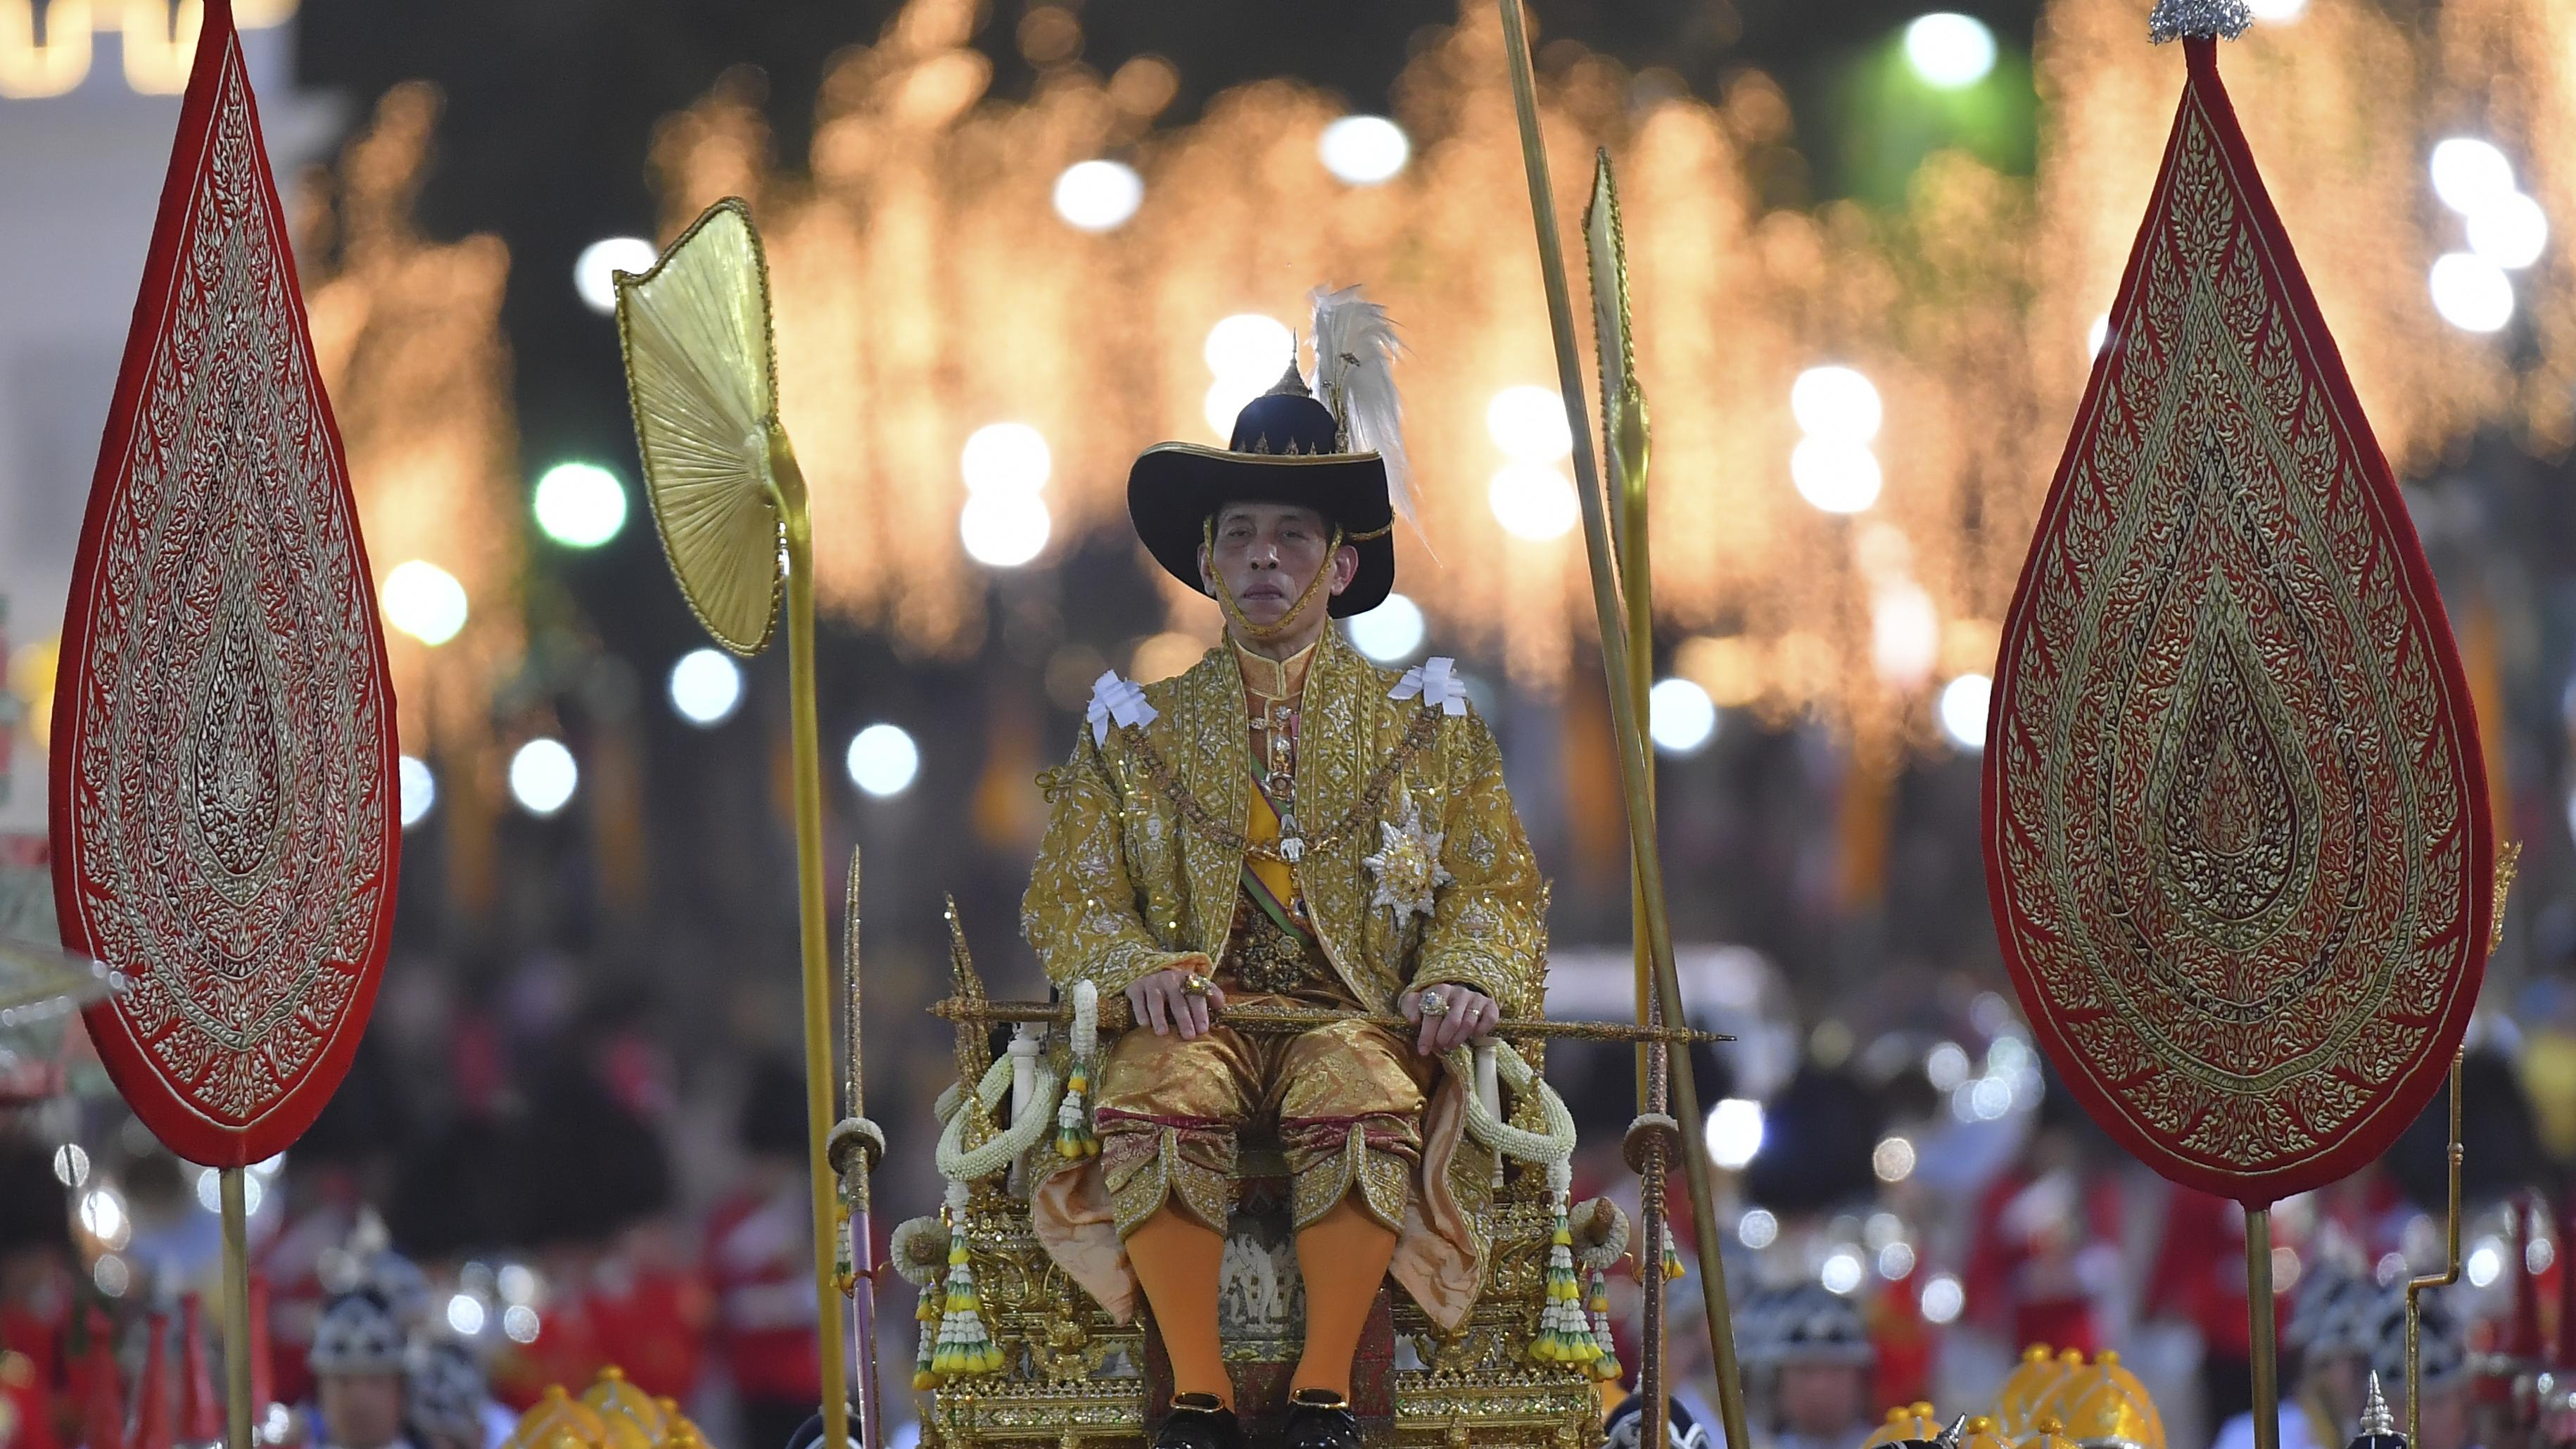 Bei seiner Krönung ließ sich Rama X. auf einer Sänfte durch die Stadt getragen, wer nicht niederkniete bekam Stockhiebe